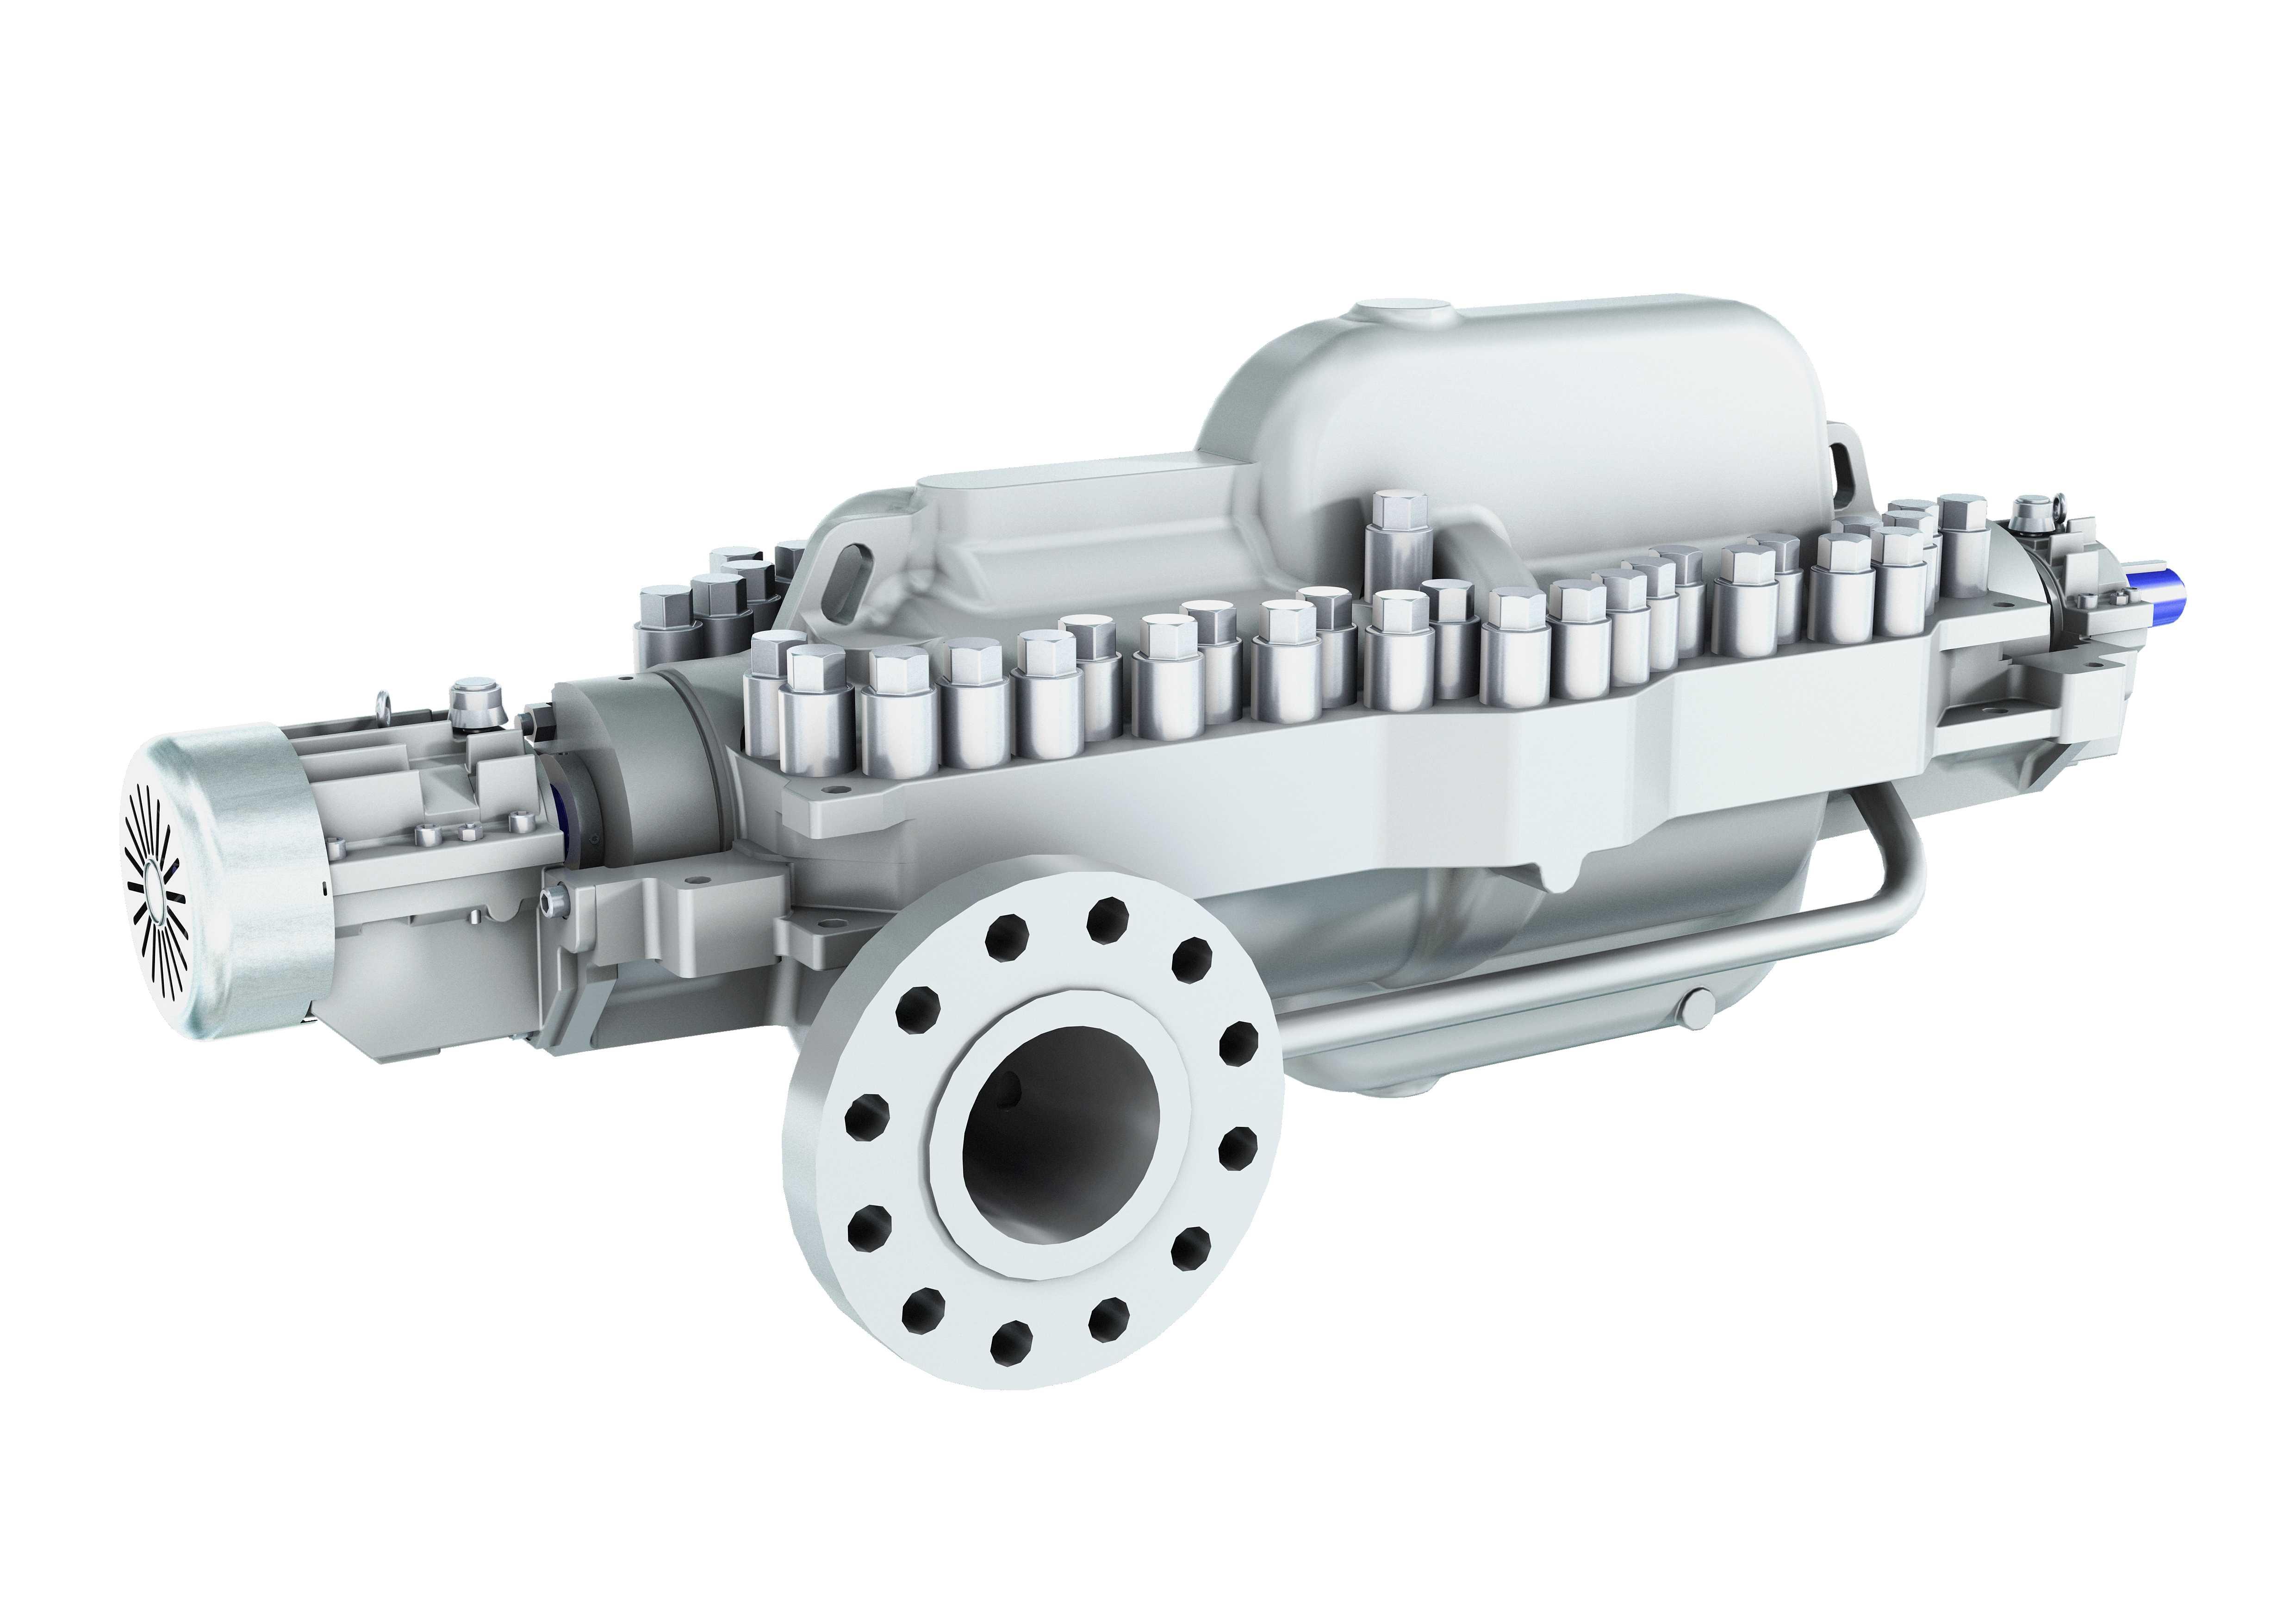 msd axially split multistage pump sulzer rh sulzer com sulzer bingham pump parts Bingham Pump Company